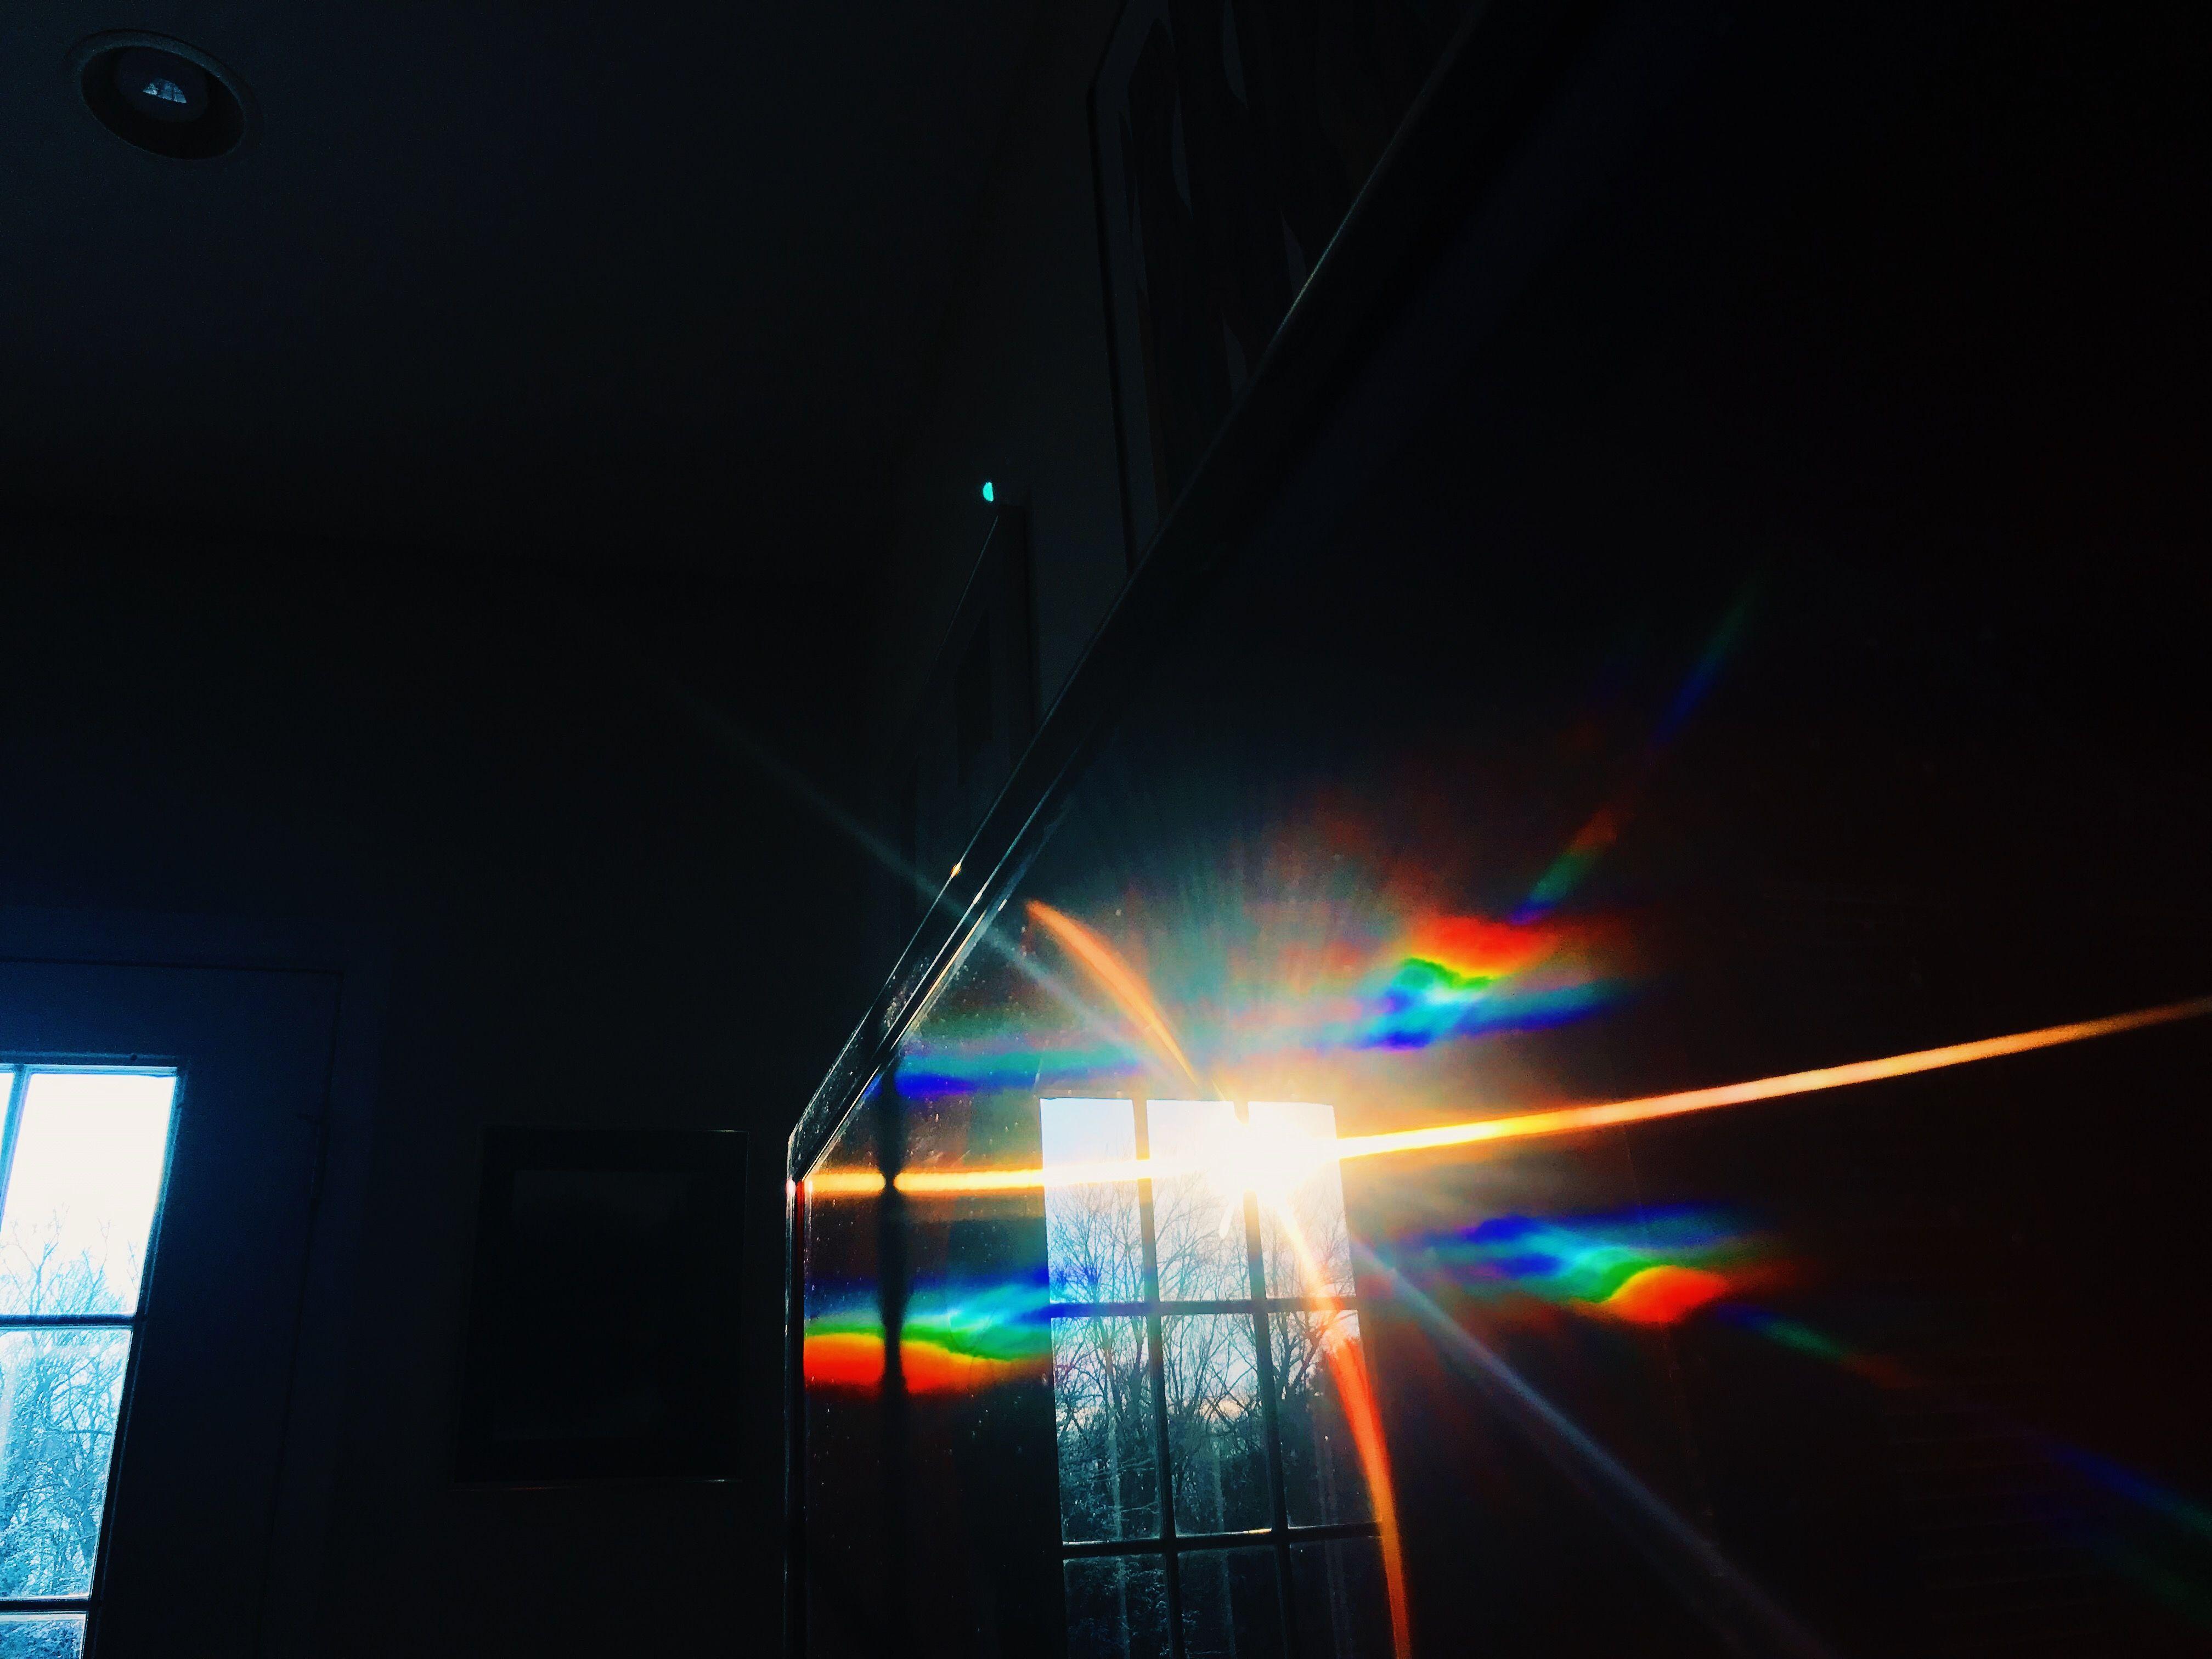 Pinterest Ayyeshayy With Images Rainbow Aesthetic Black